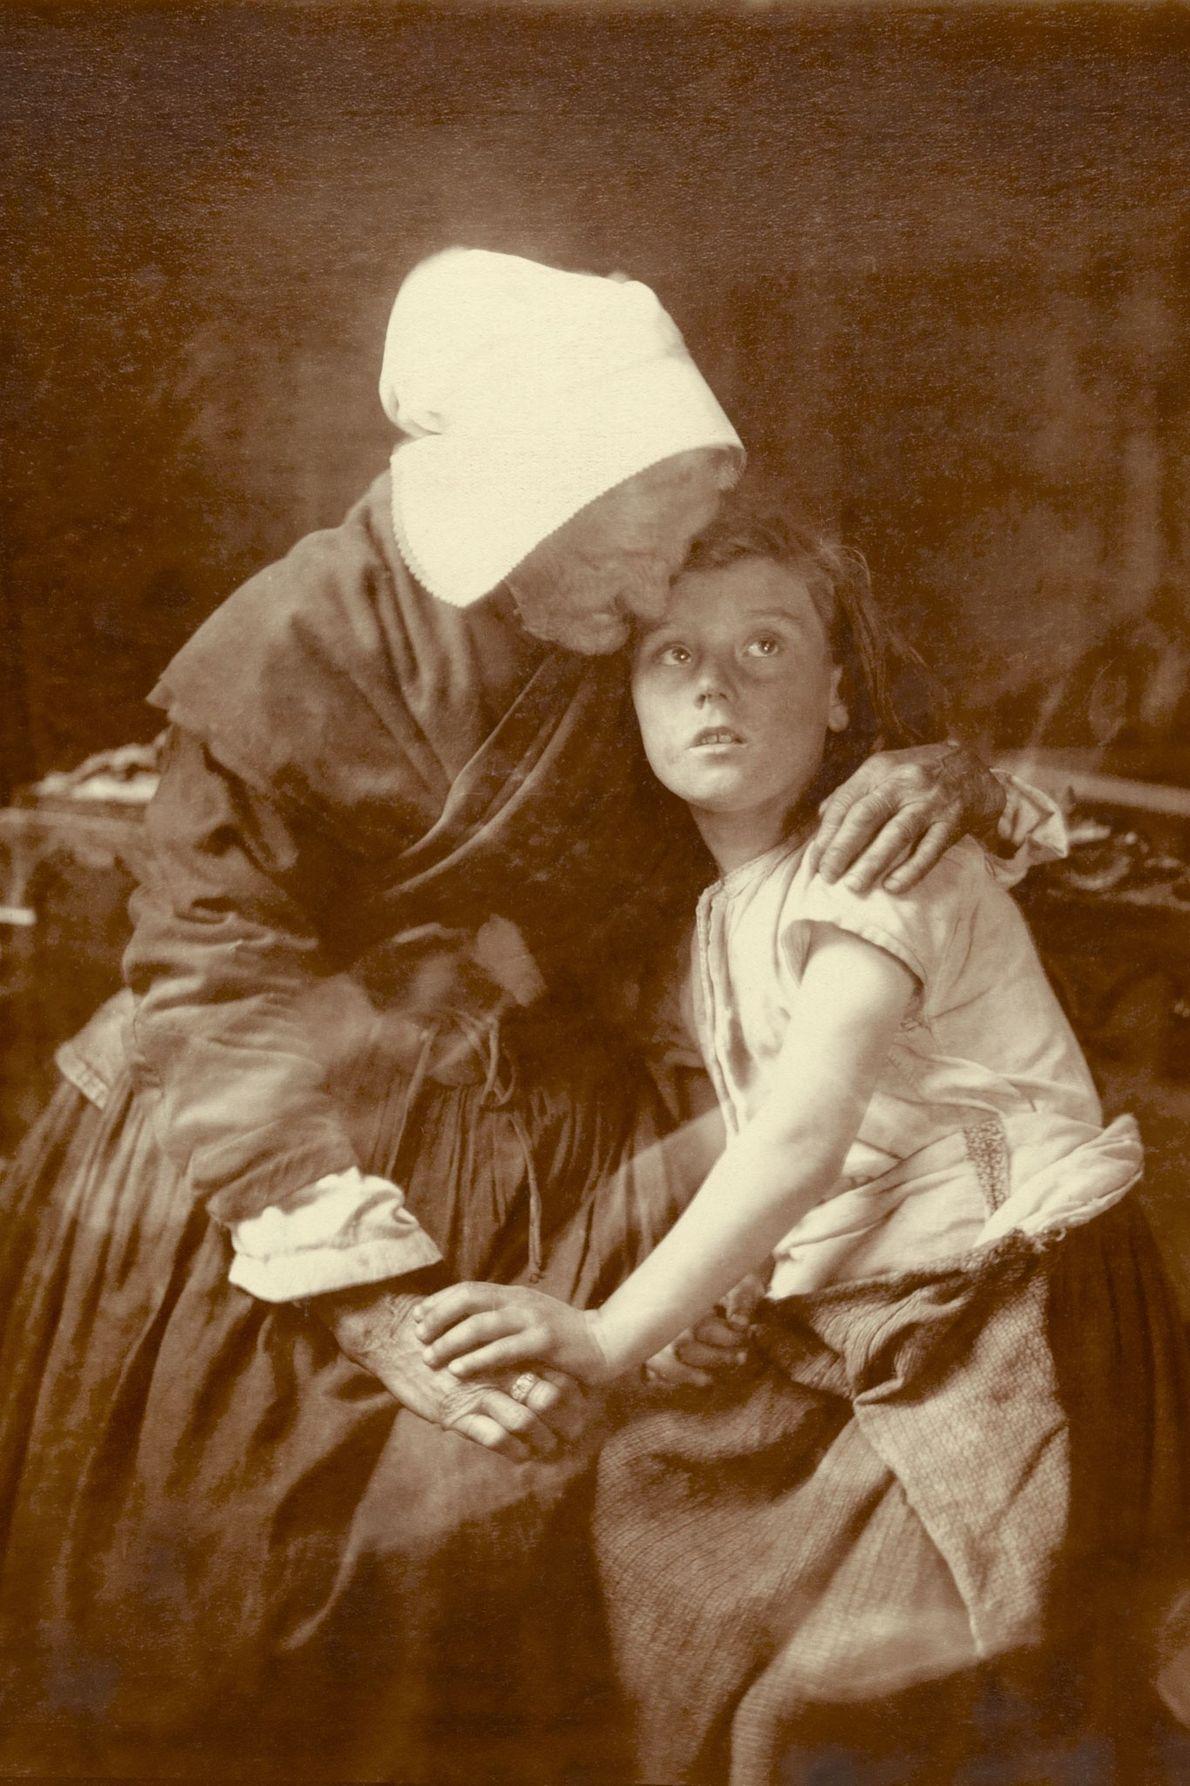 In Flandern umarmt eine alte Frau ein Kind.